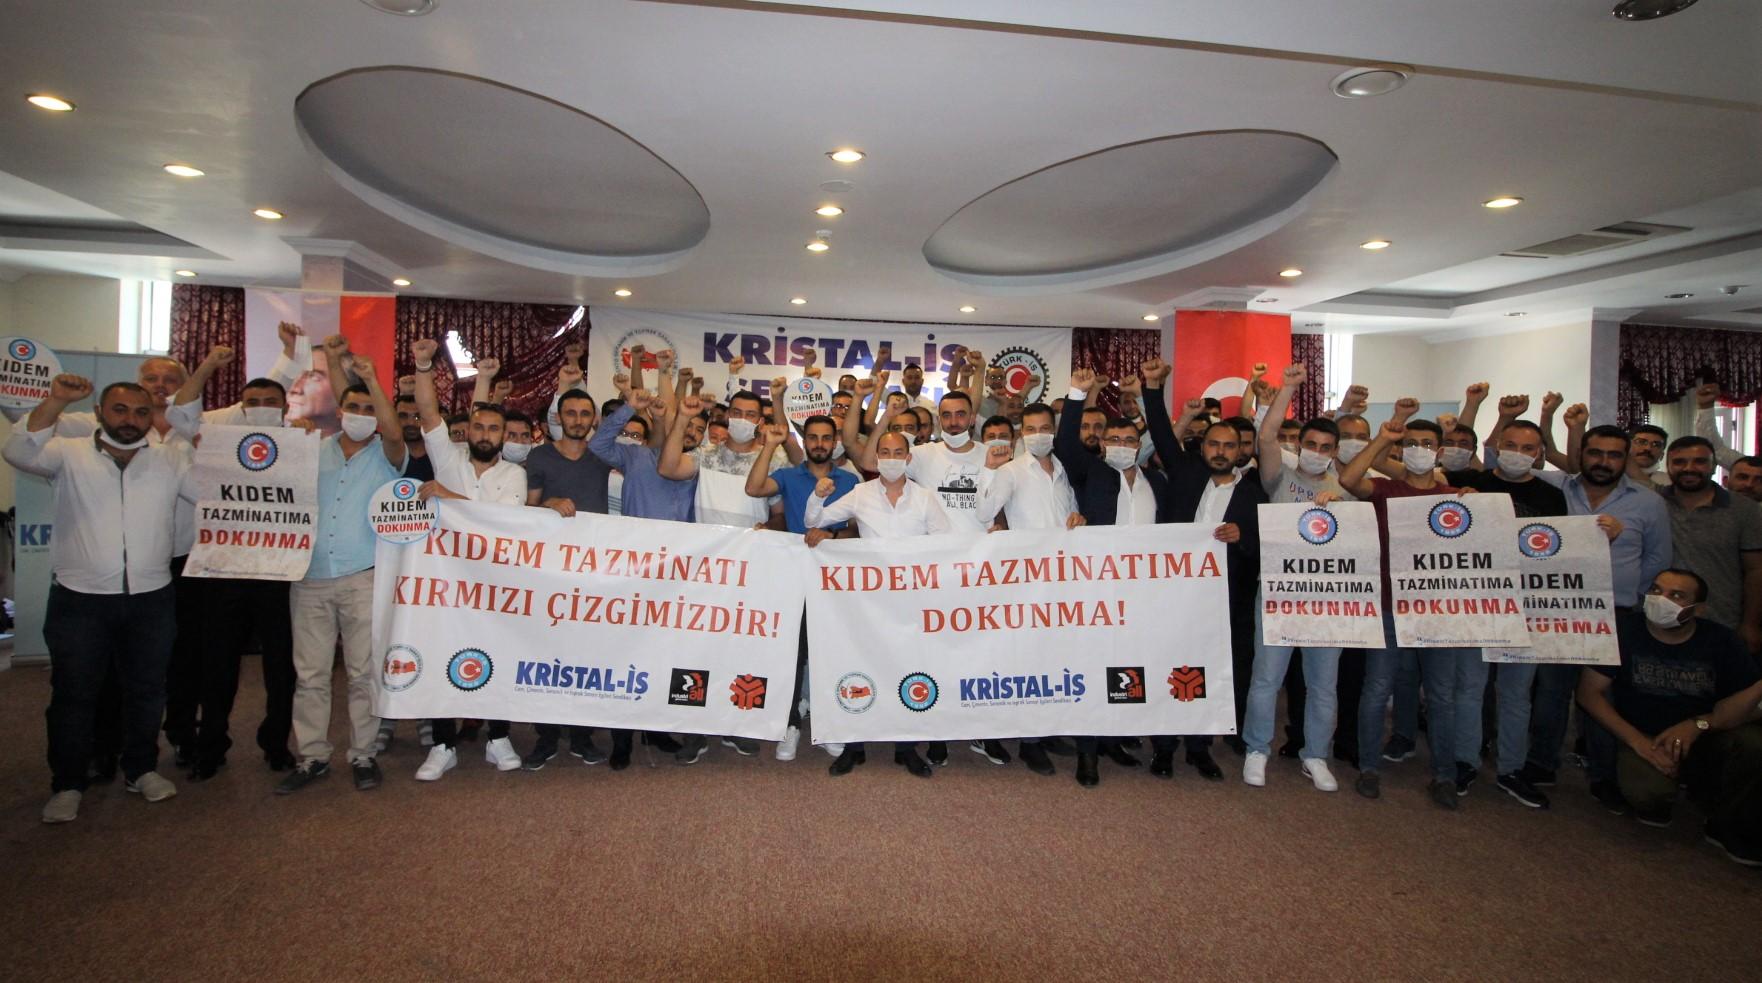 Ankara Şubemizin 1. Olağan Genel Kurulu gerçekleştirildi